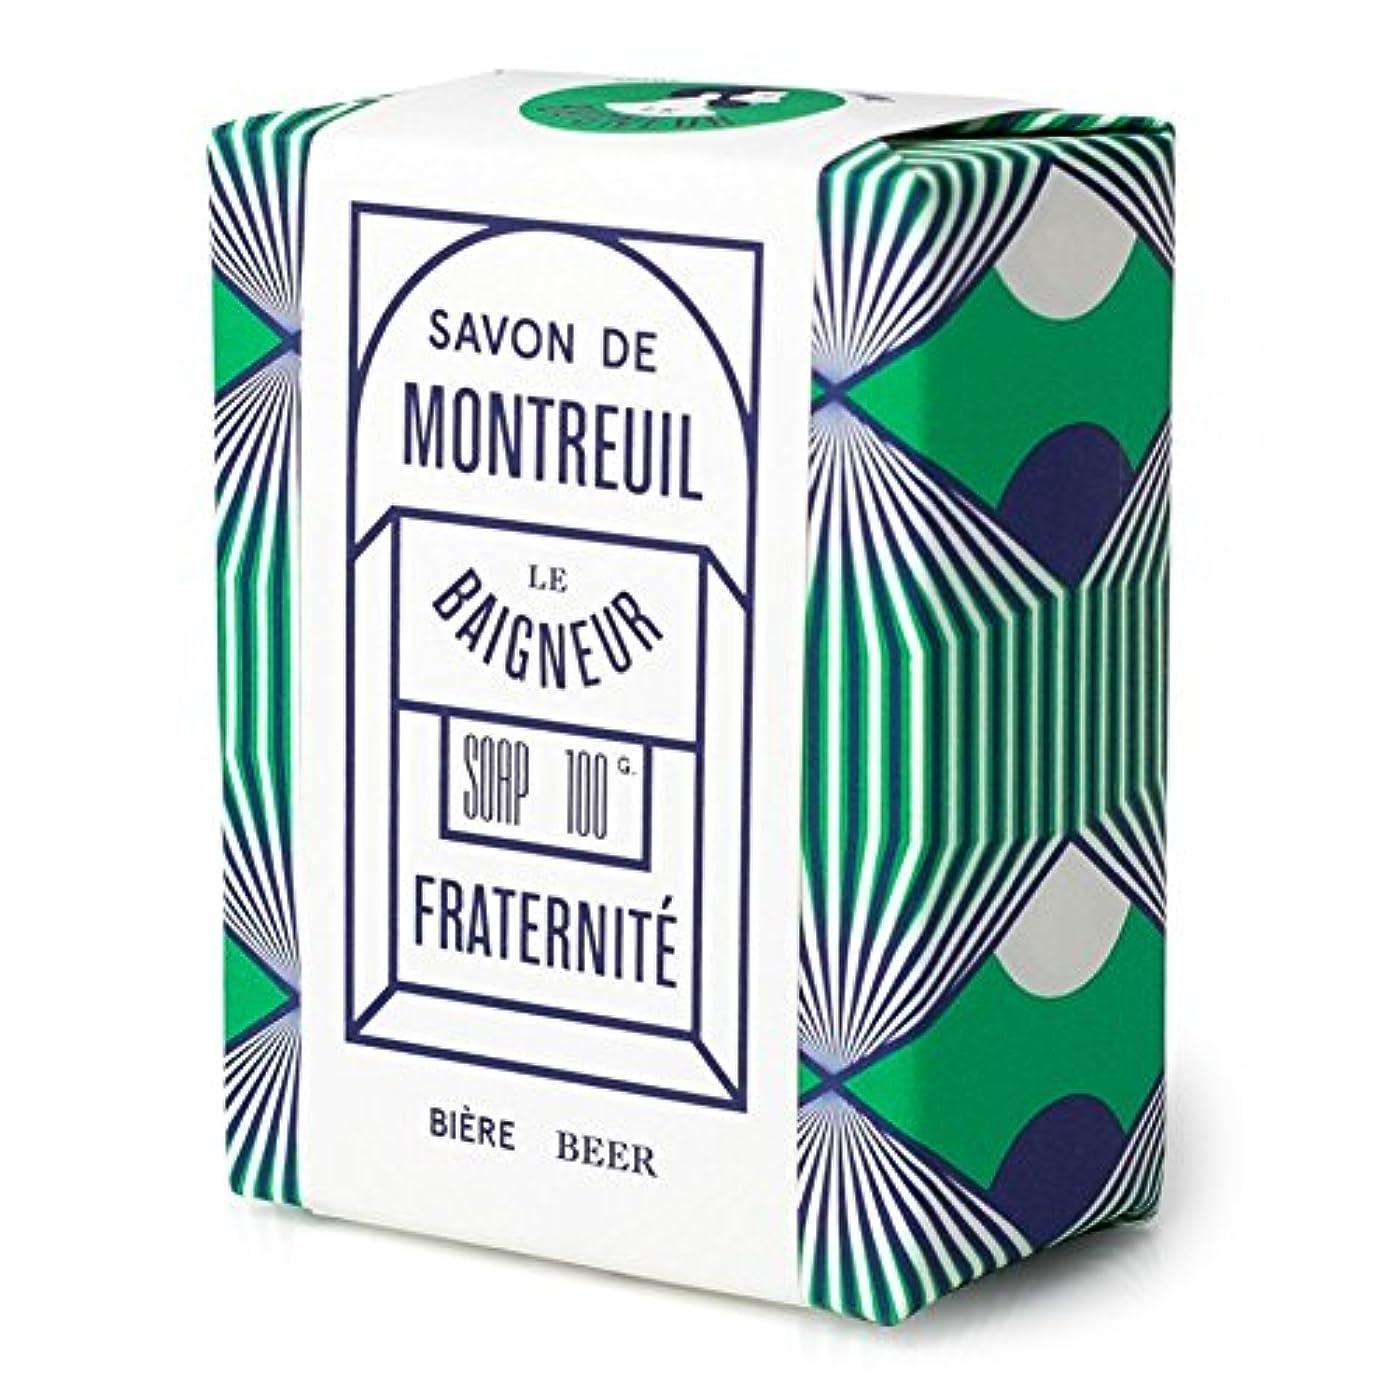 辞任ダーベビルのテスモノグラフル 石鹸100グラム x4 - Le Baigneur Fraternite Soap 100g (Pack of 4) [並行輸入品]